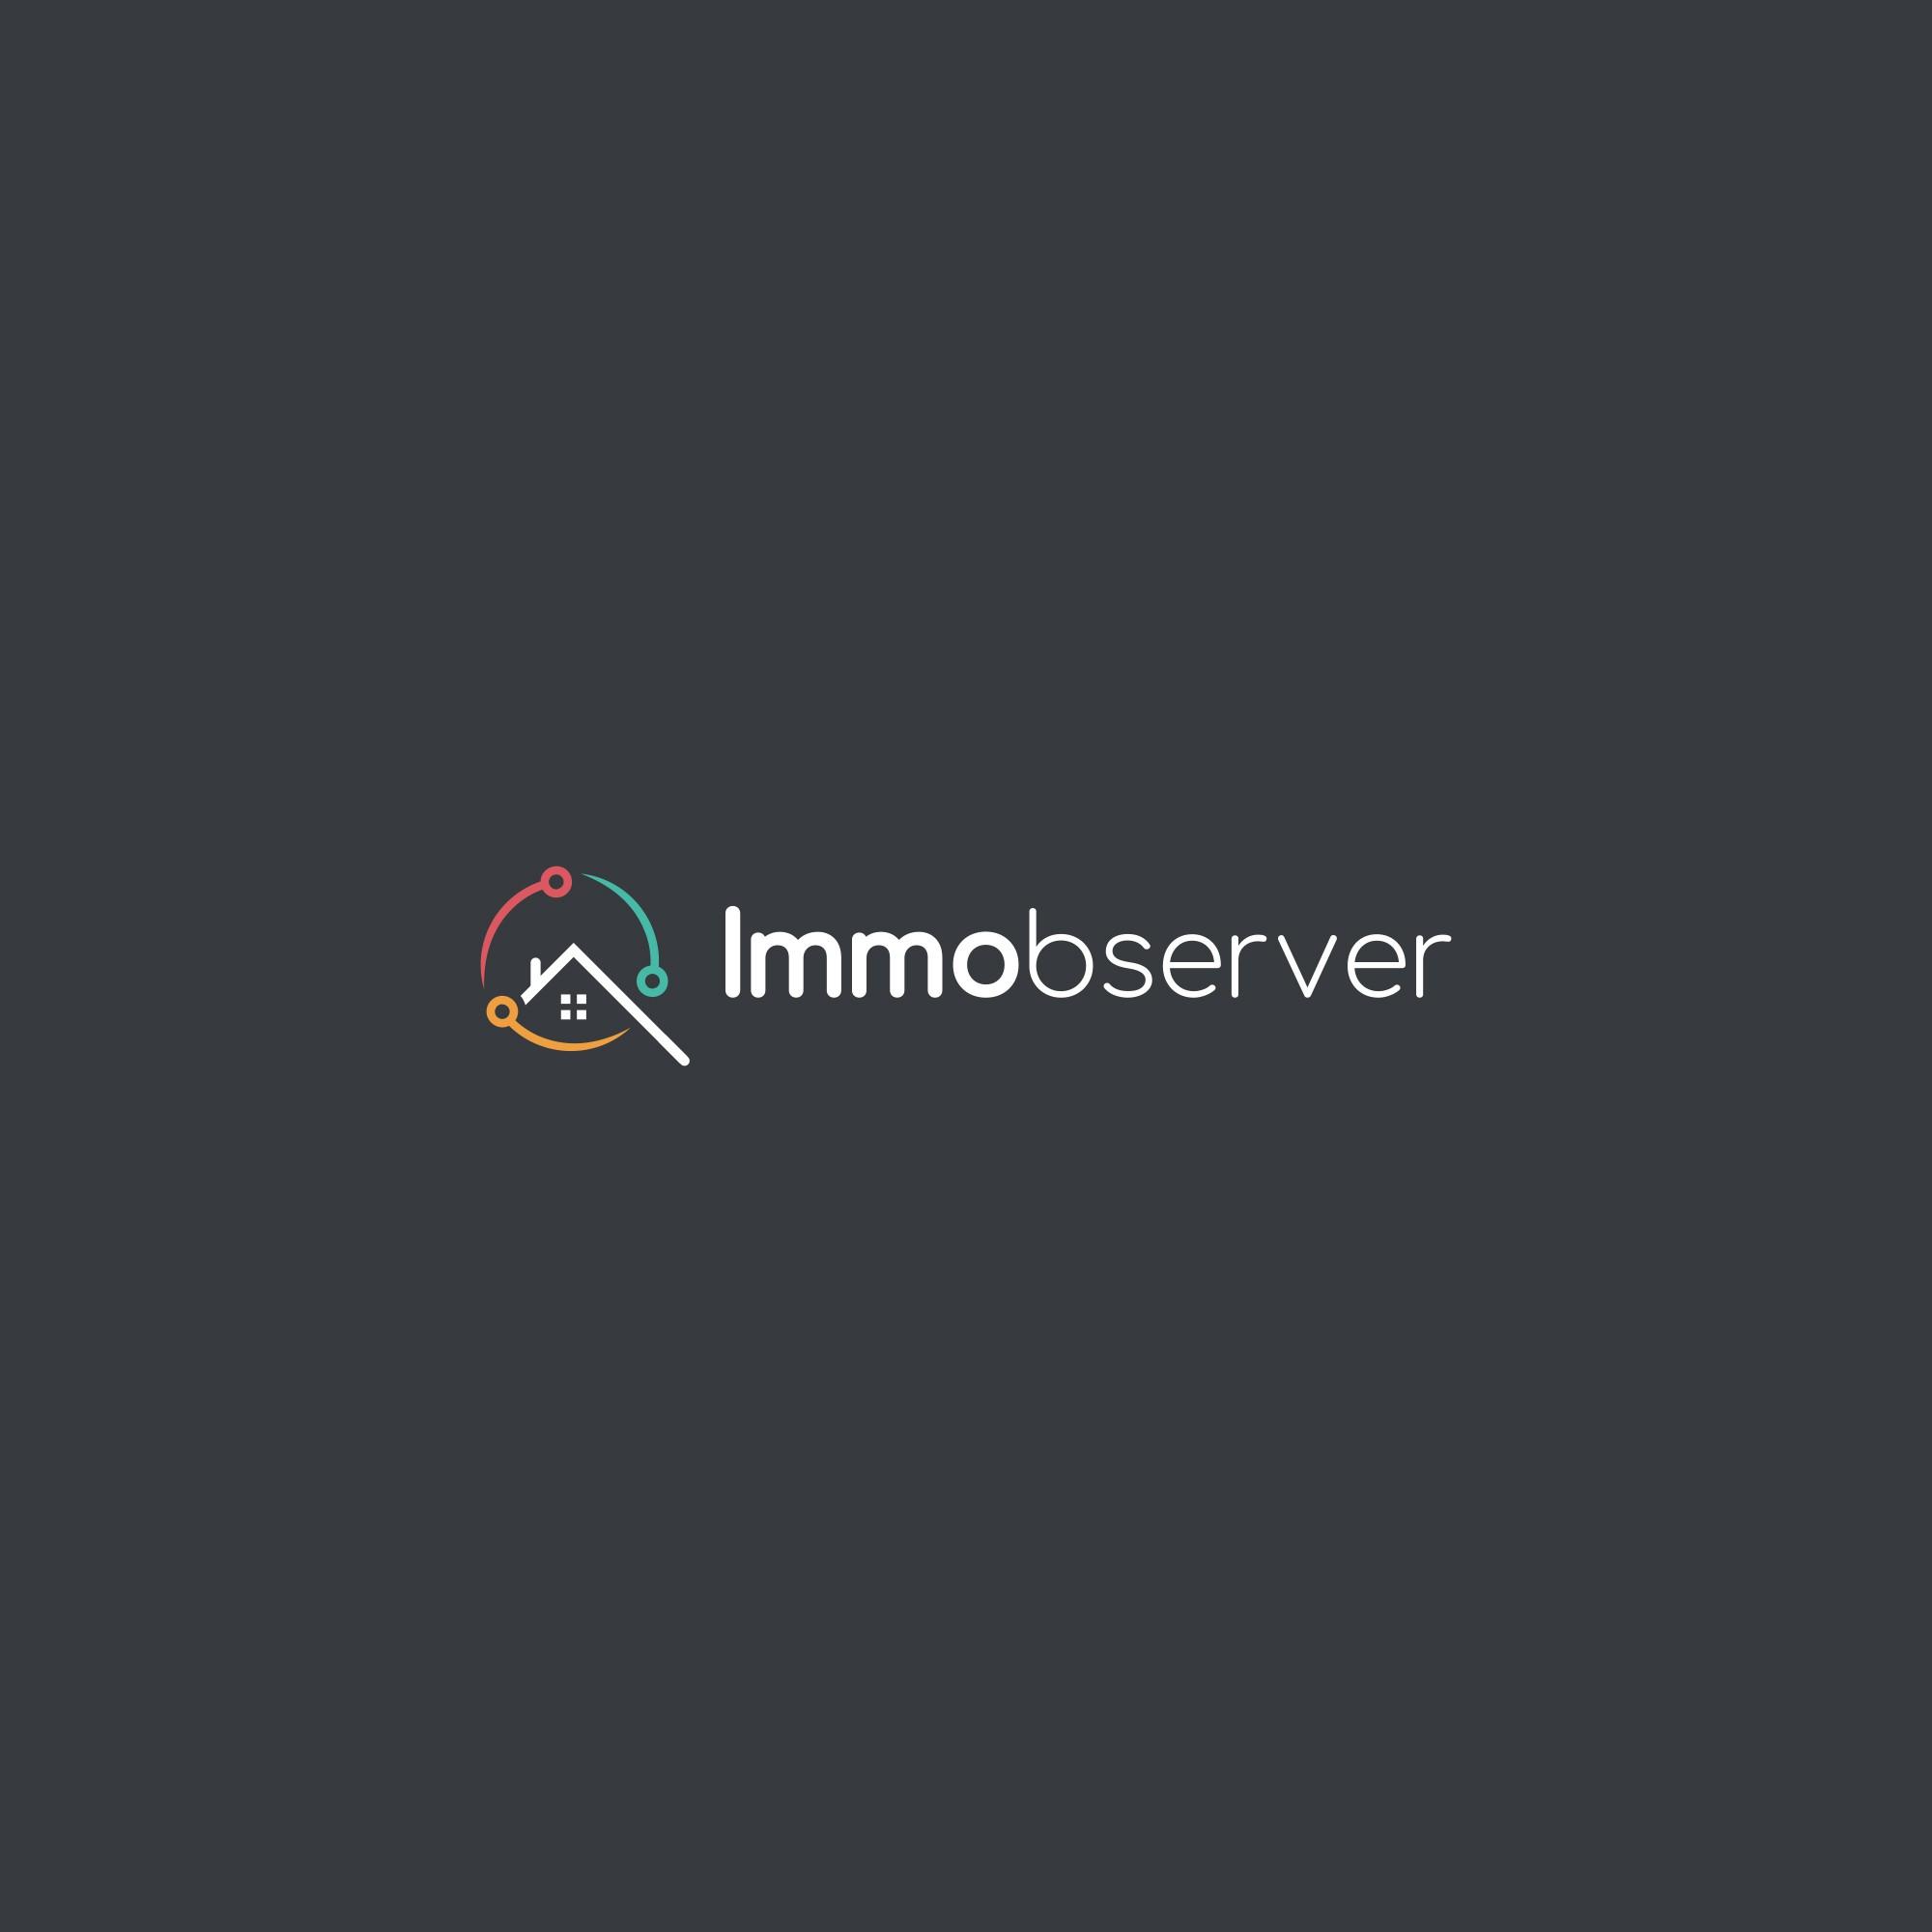 Logo logiciel immobilier